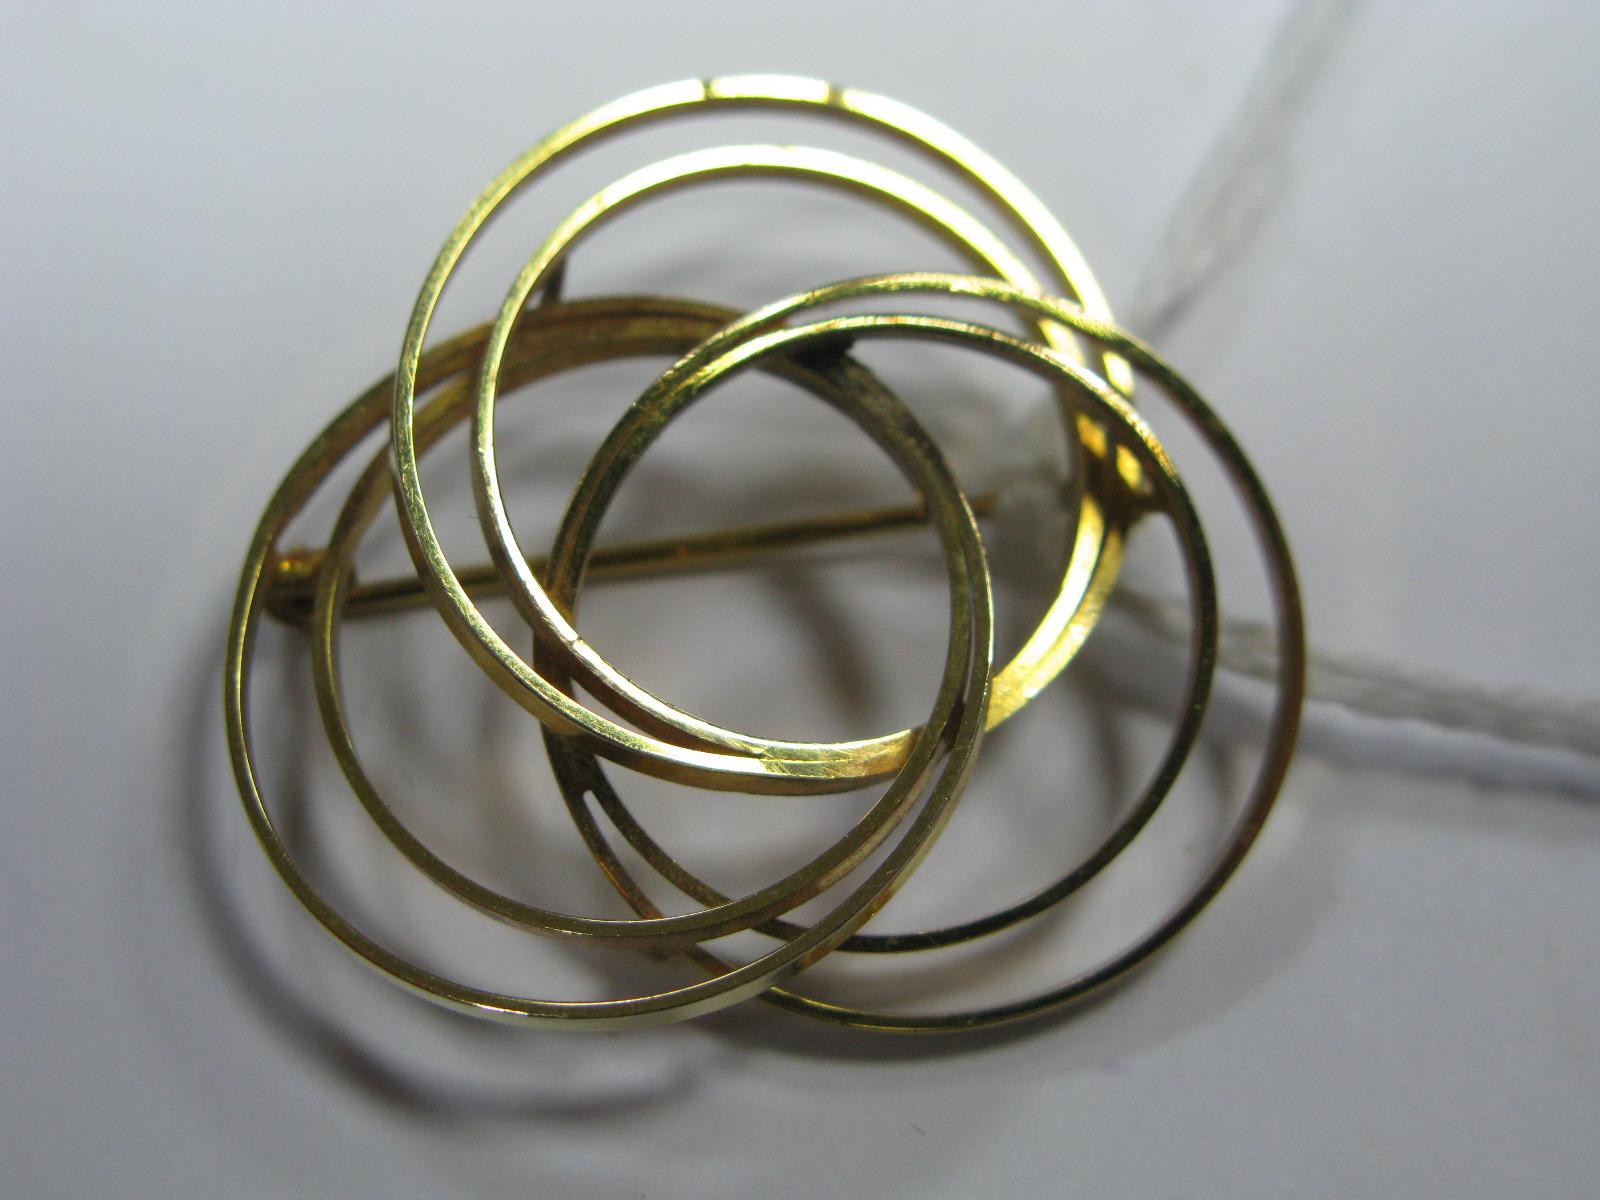 Lot 1364 - A 9ct Gold Modern Circular Design Brooch.